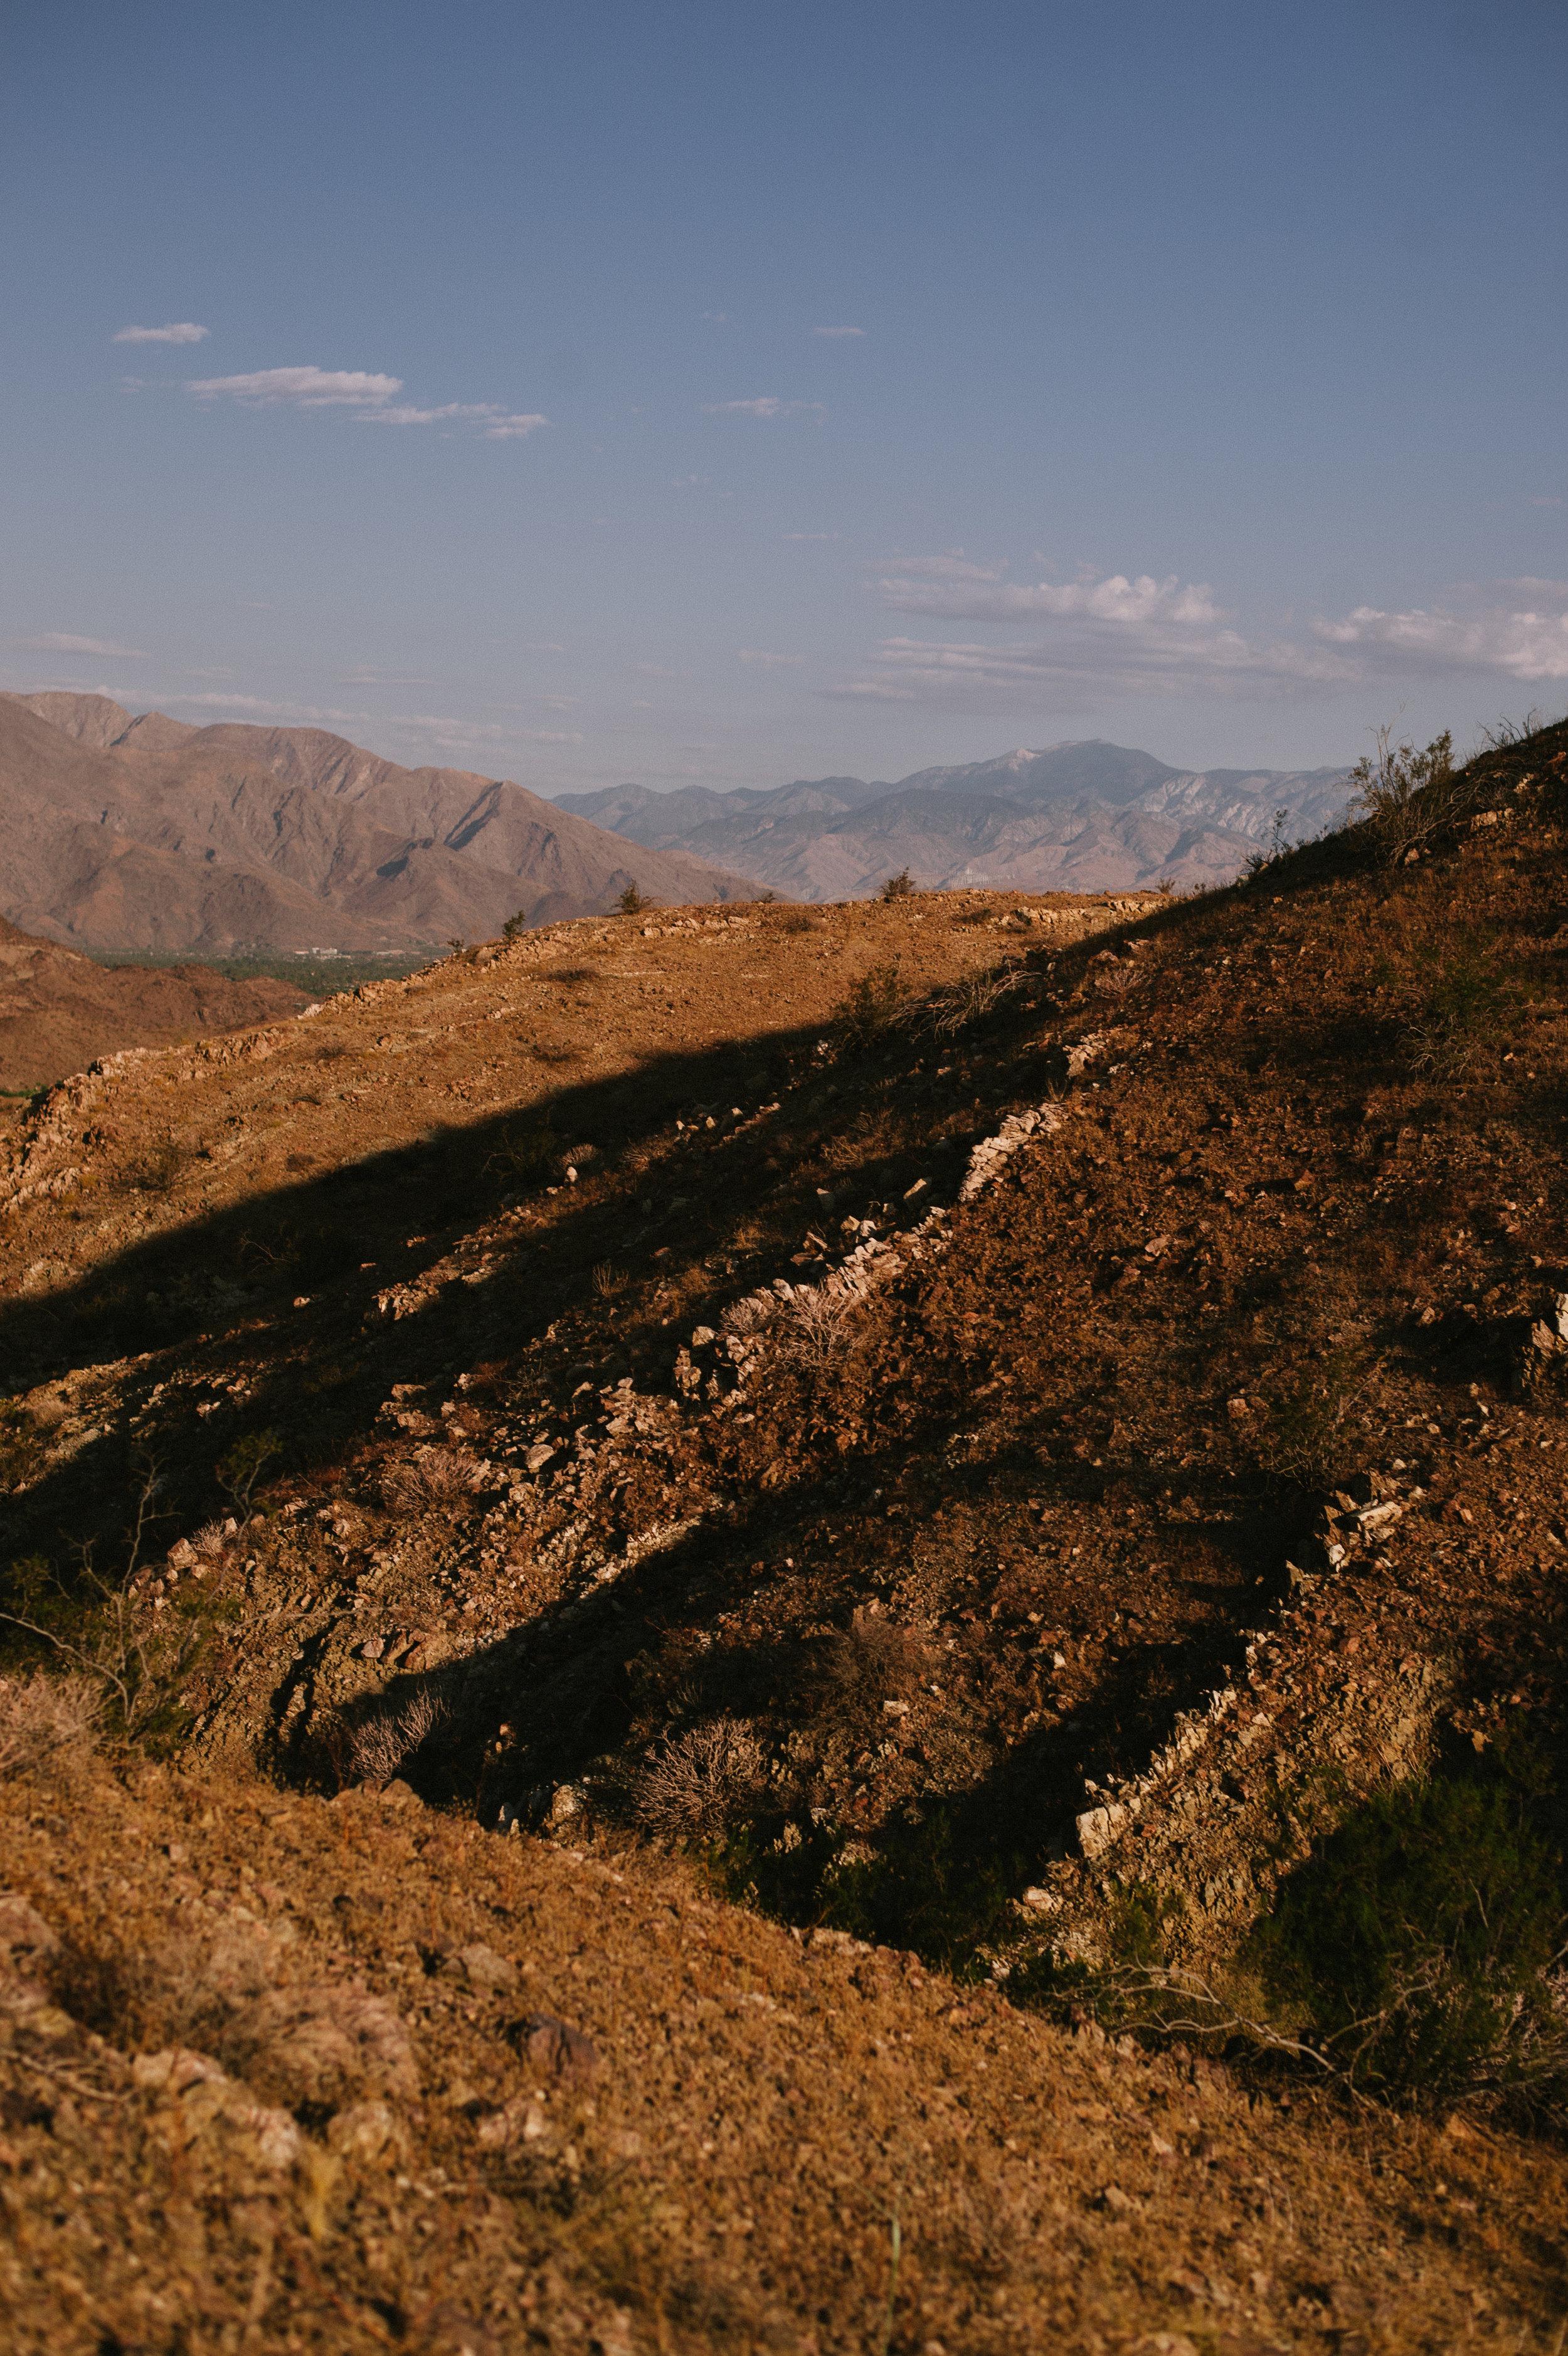 The-Glossier-Palm-Springs-CA-19.jpg